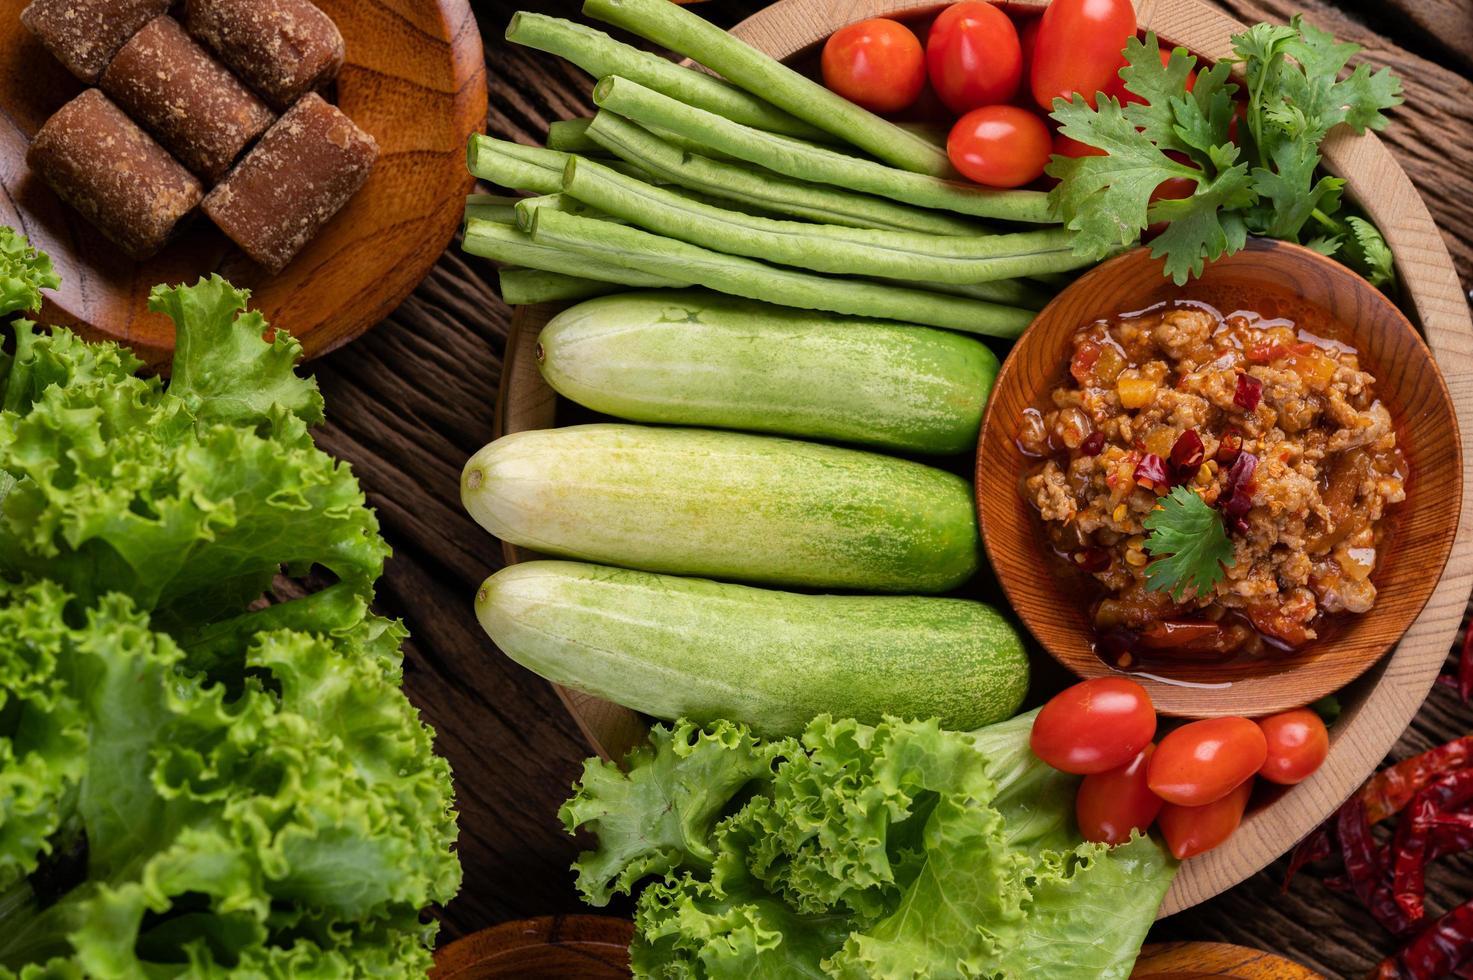 zoet varkensvlees in een houten kom met ingrediënten foto